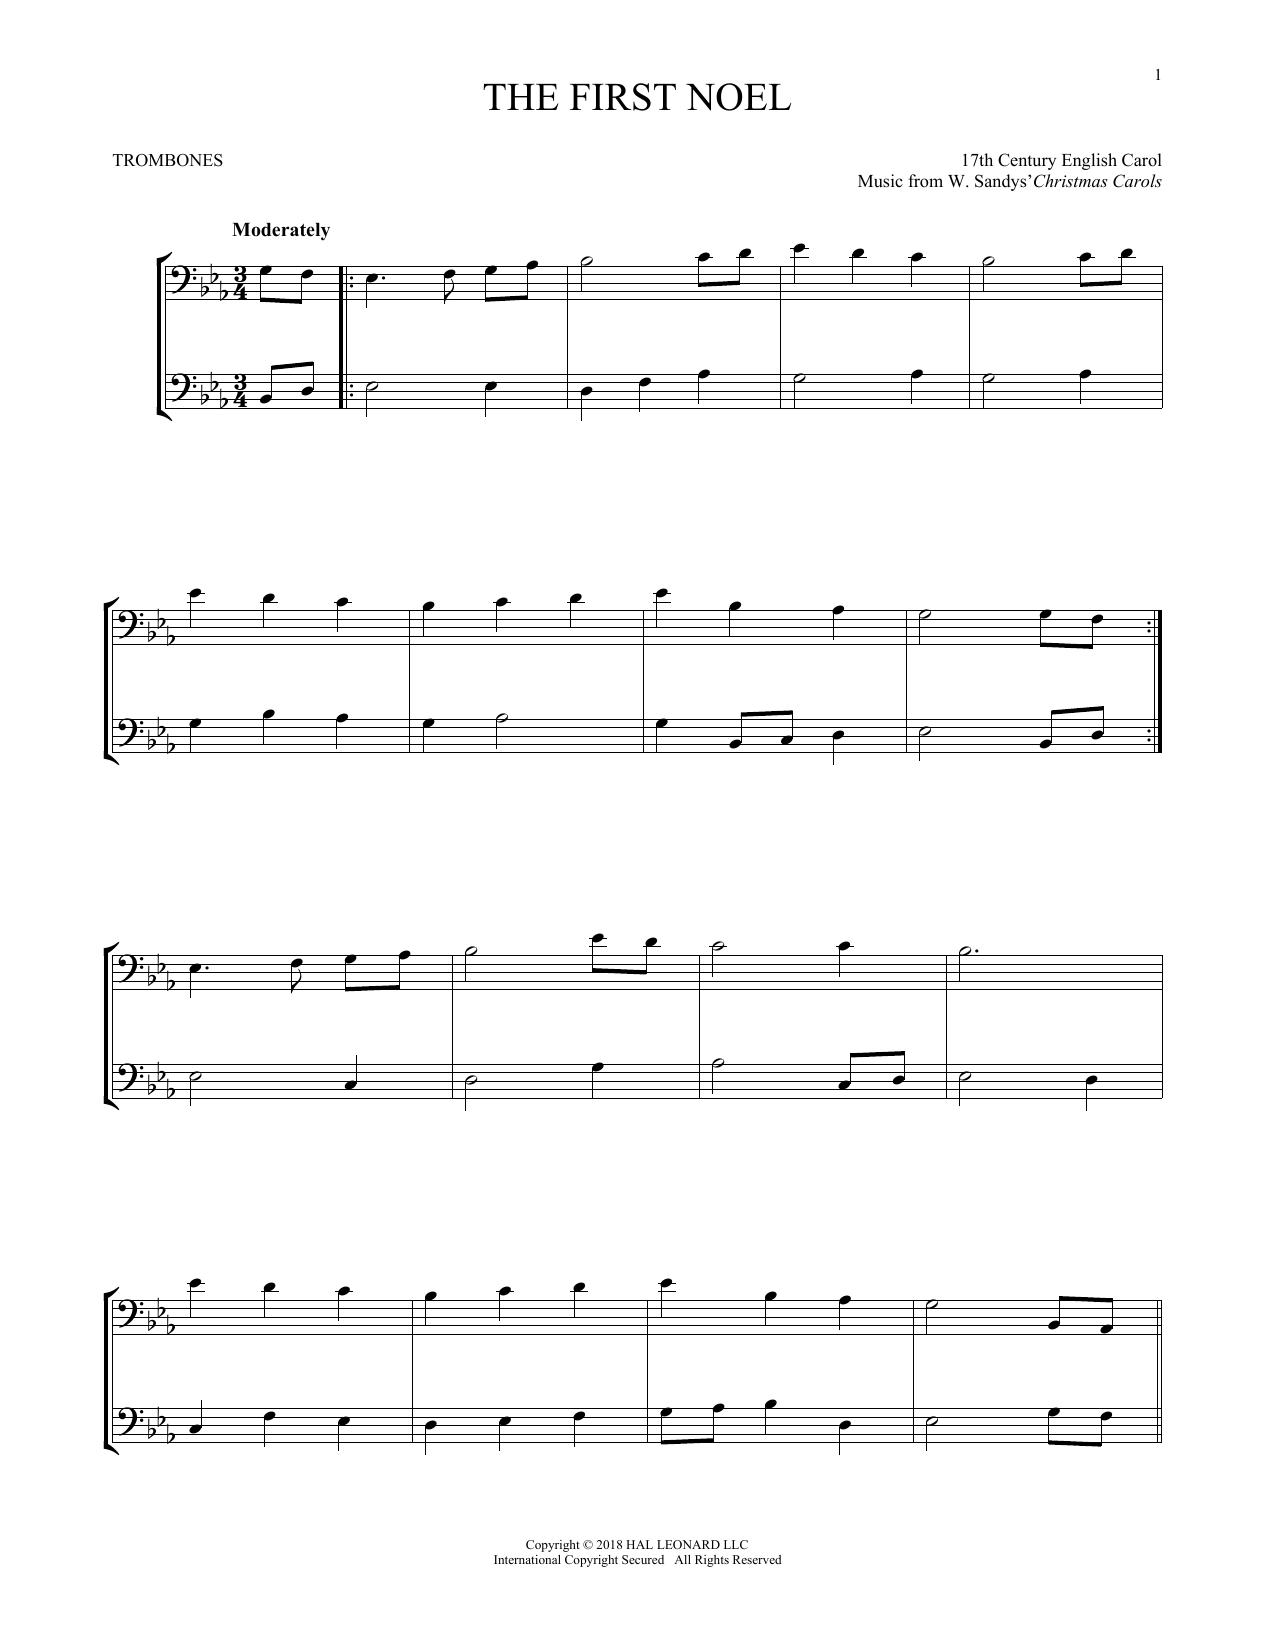 The First Noel (Trombone Transcription)